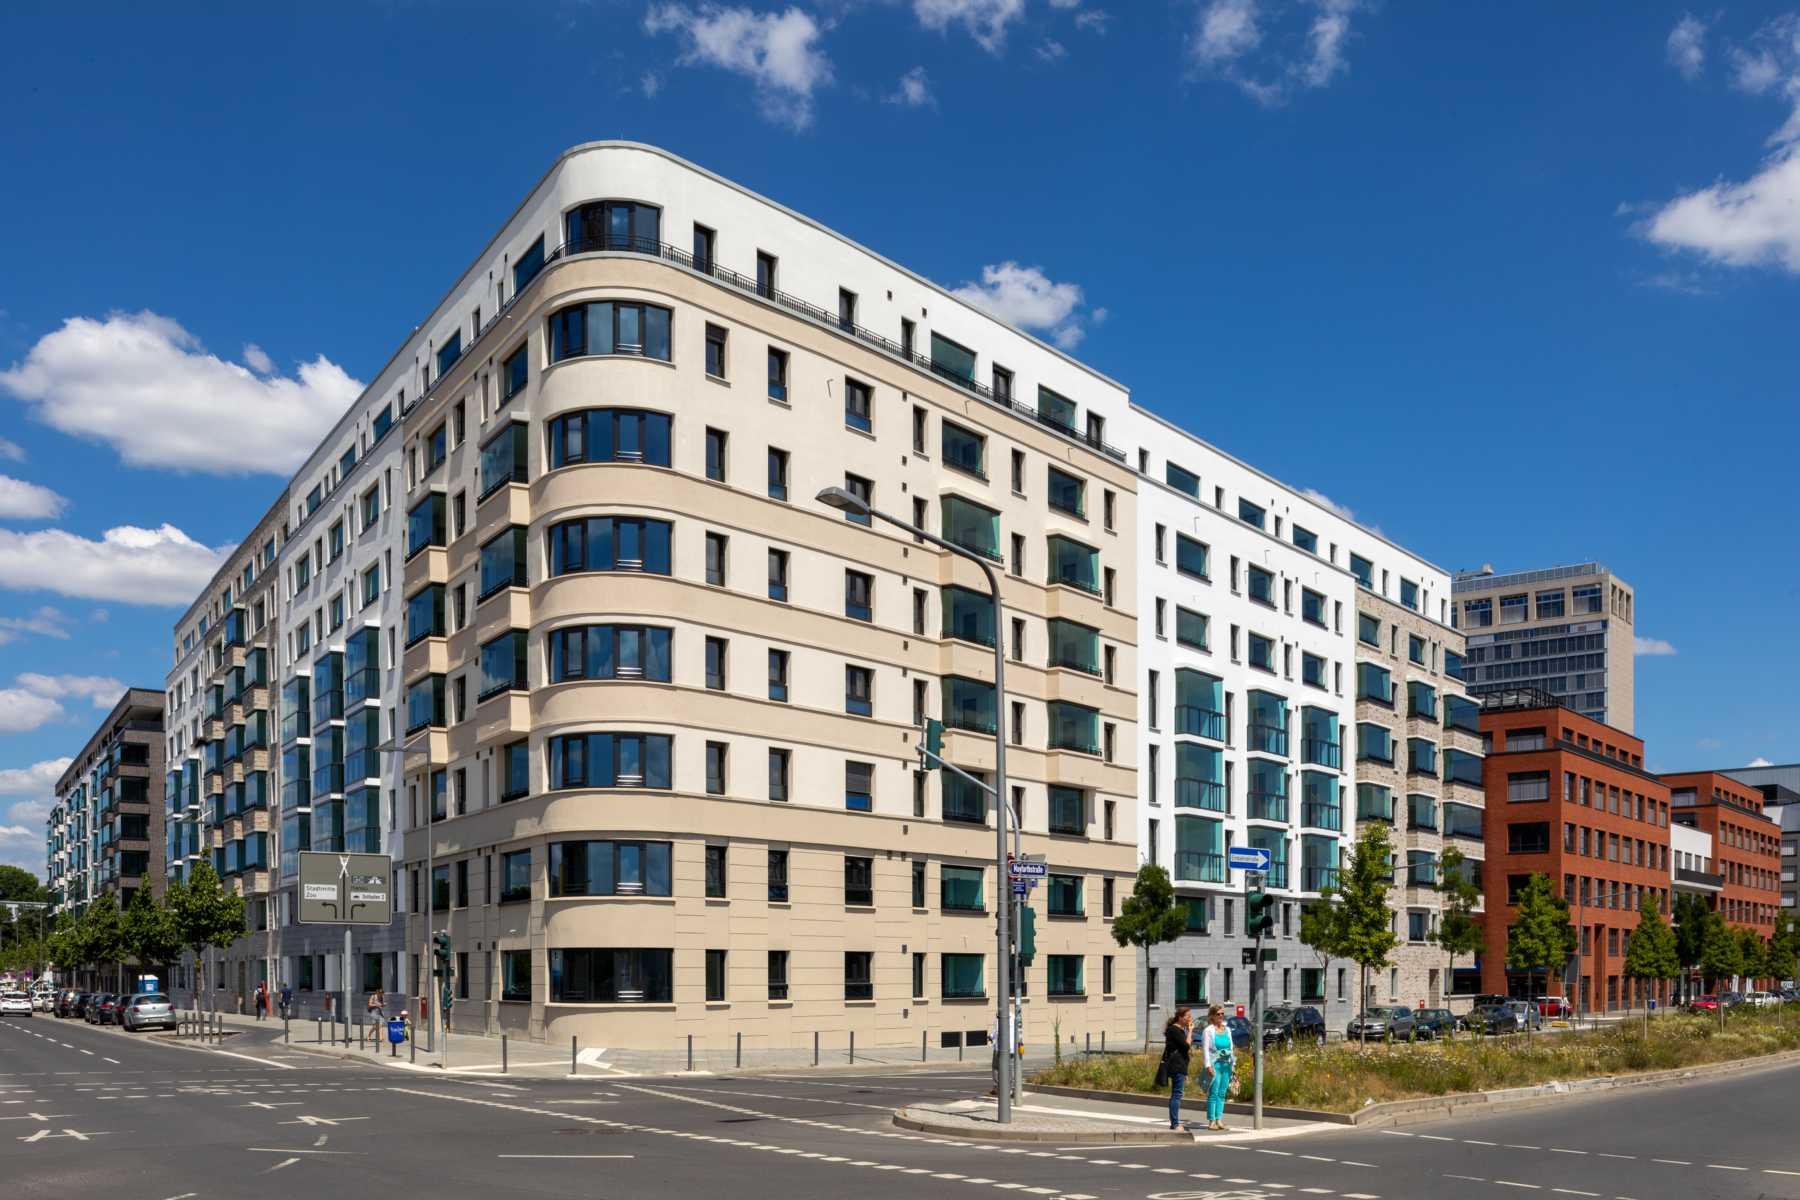 K1600_20200529_051_PBP Architekten ©DUCKEK Hafenparkquartier Herr Pastuschka__G9A4807